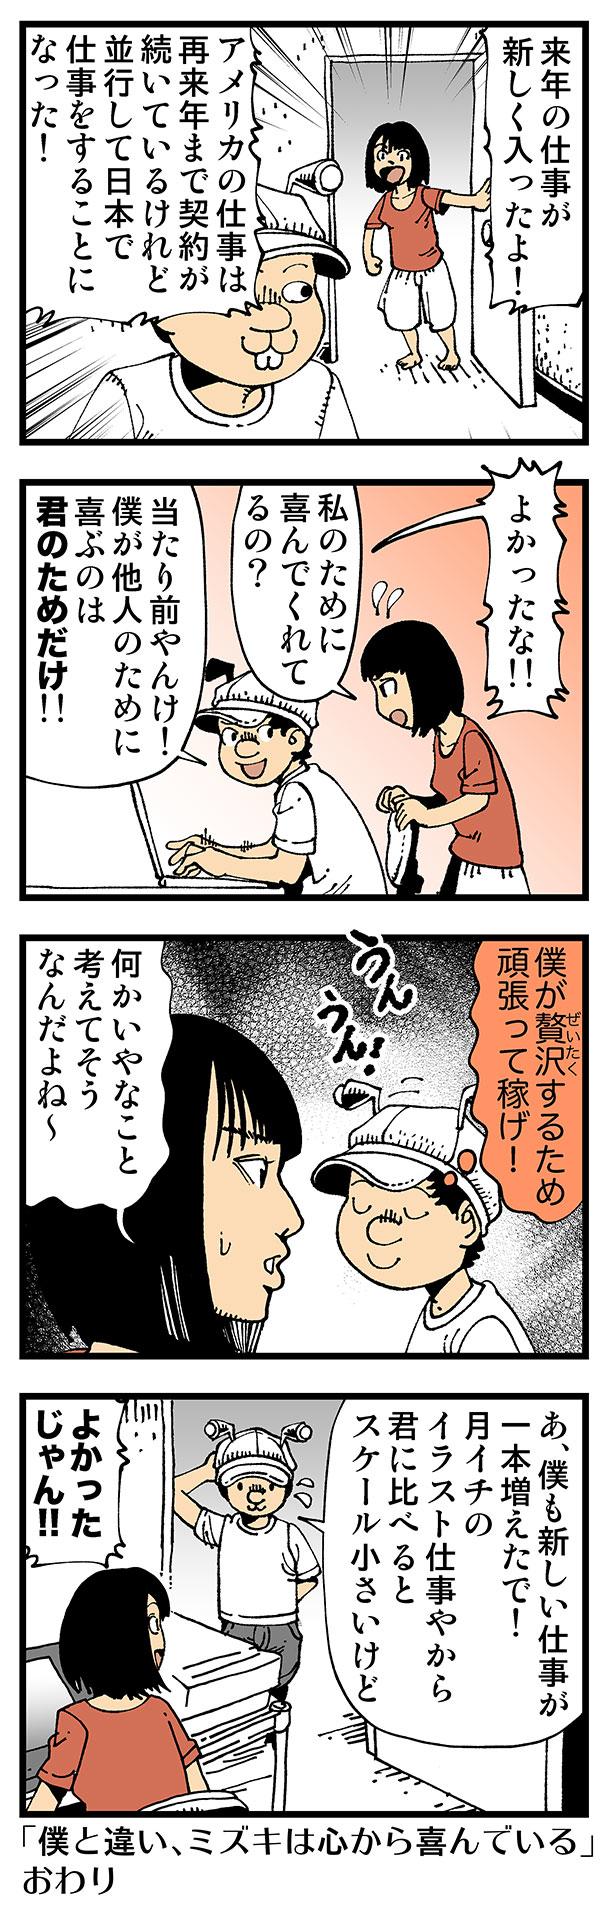 【普通】世界を股にかける売れっ子漫画家